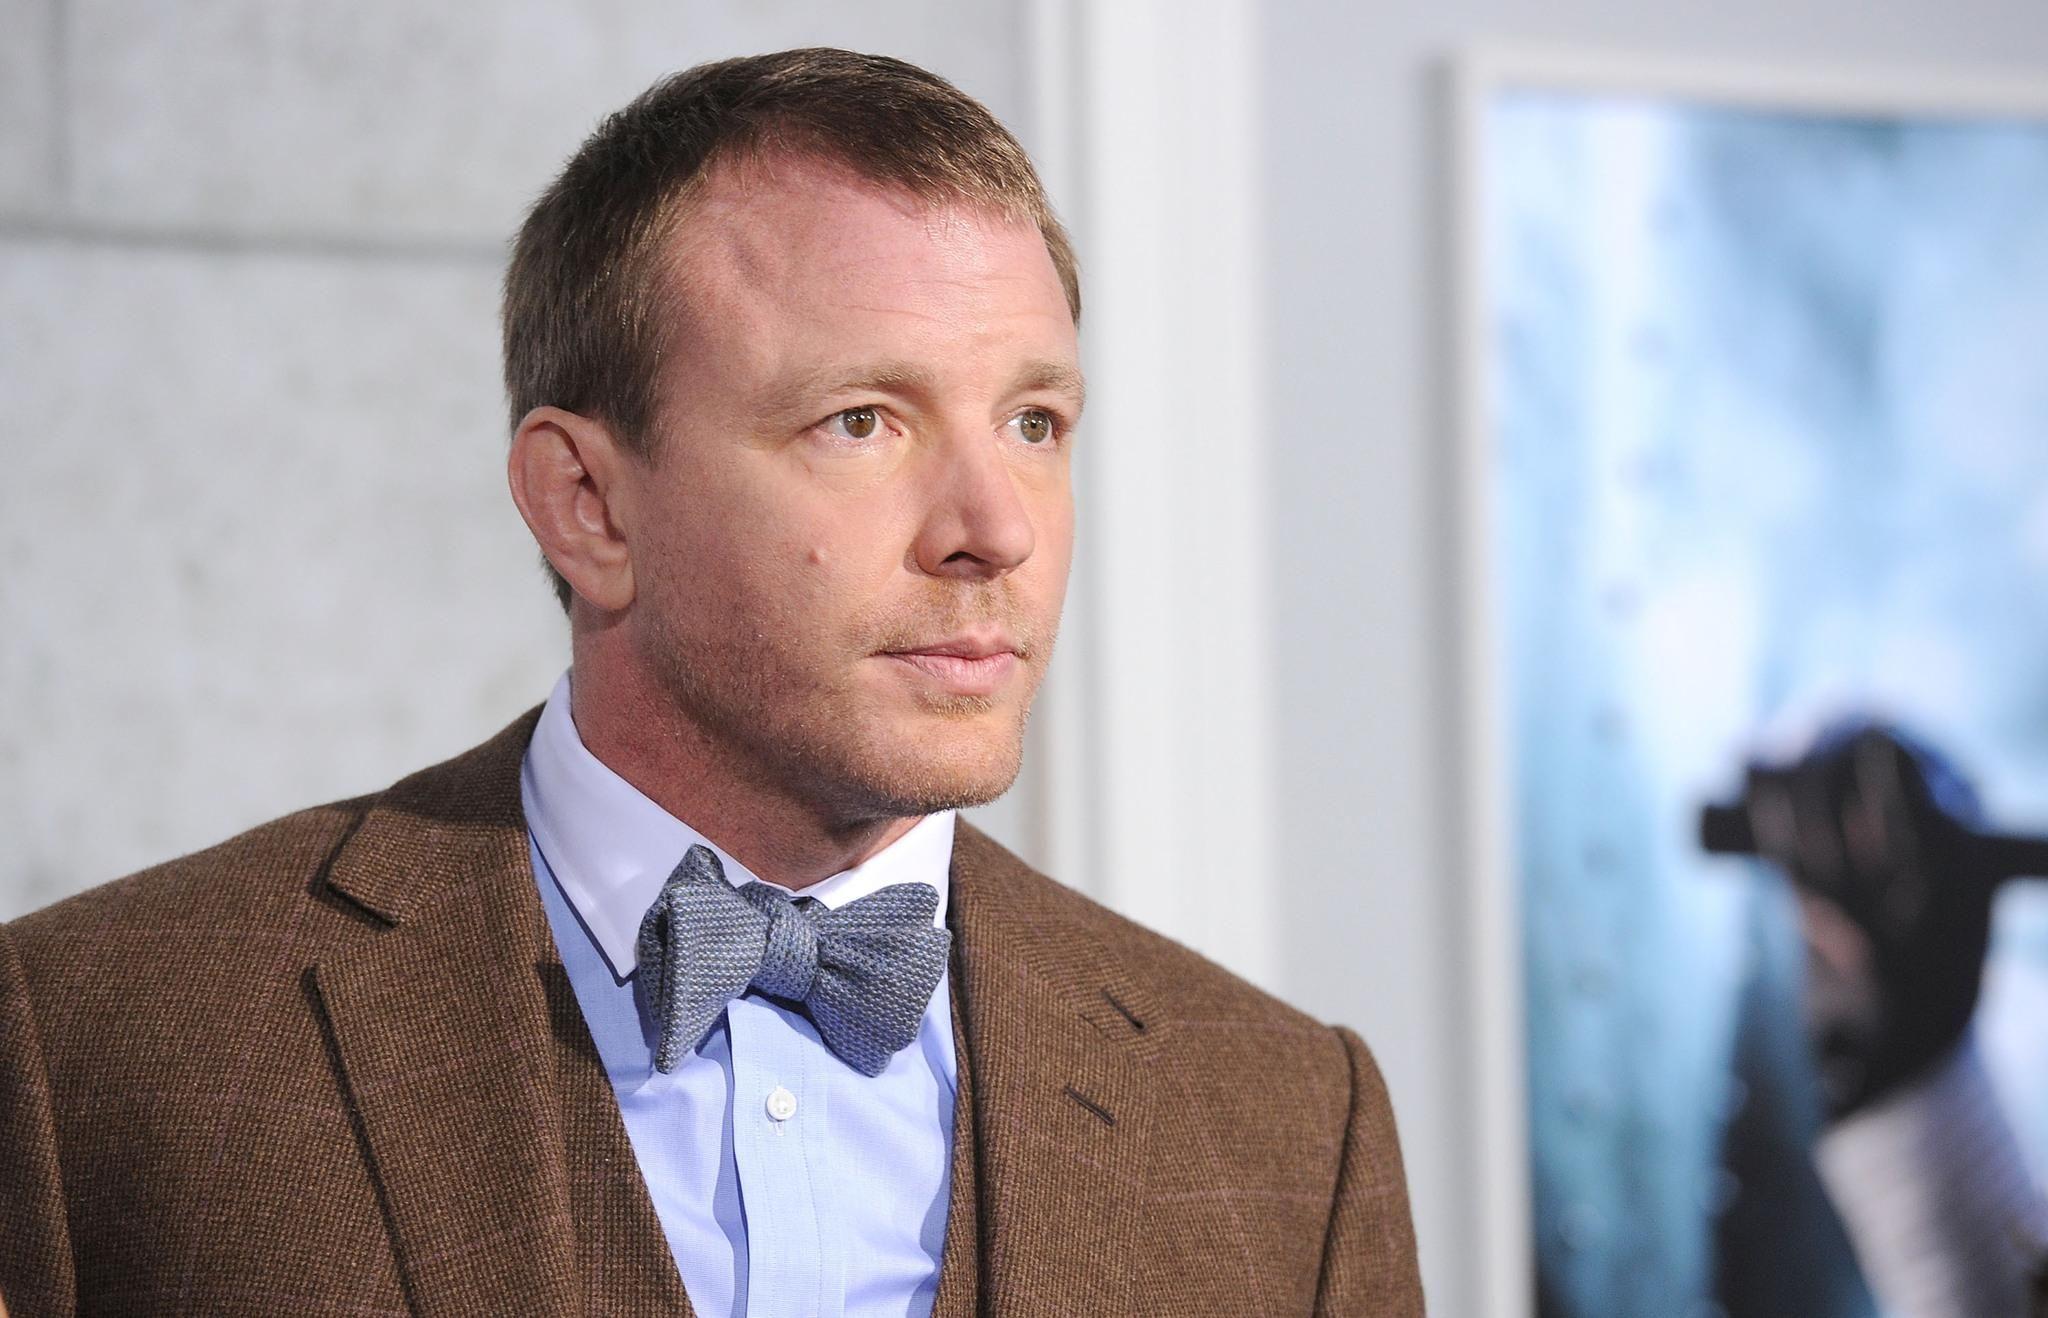 Гай Ричи шокировал признанием: режиссер хочет сняться с Путиным топлес